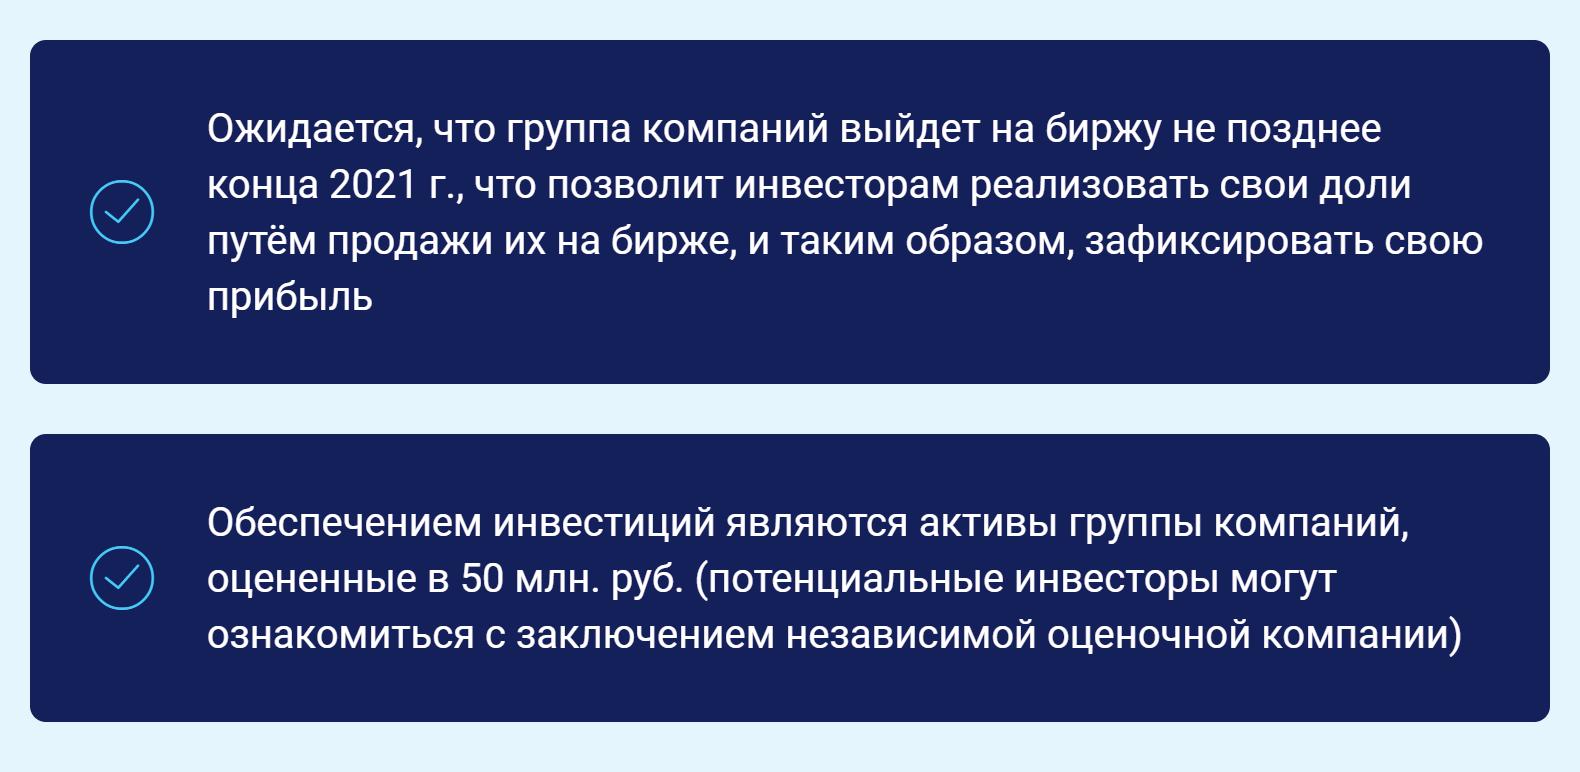 «Окто-груп» пишет, чтонадежность инвестиций обеспечивают активы на50млн рублей. Но длявыхода набиржу ихмало — акомпания уверяет, чтоунее получится этосделать в2021году